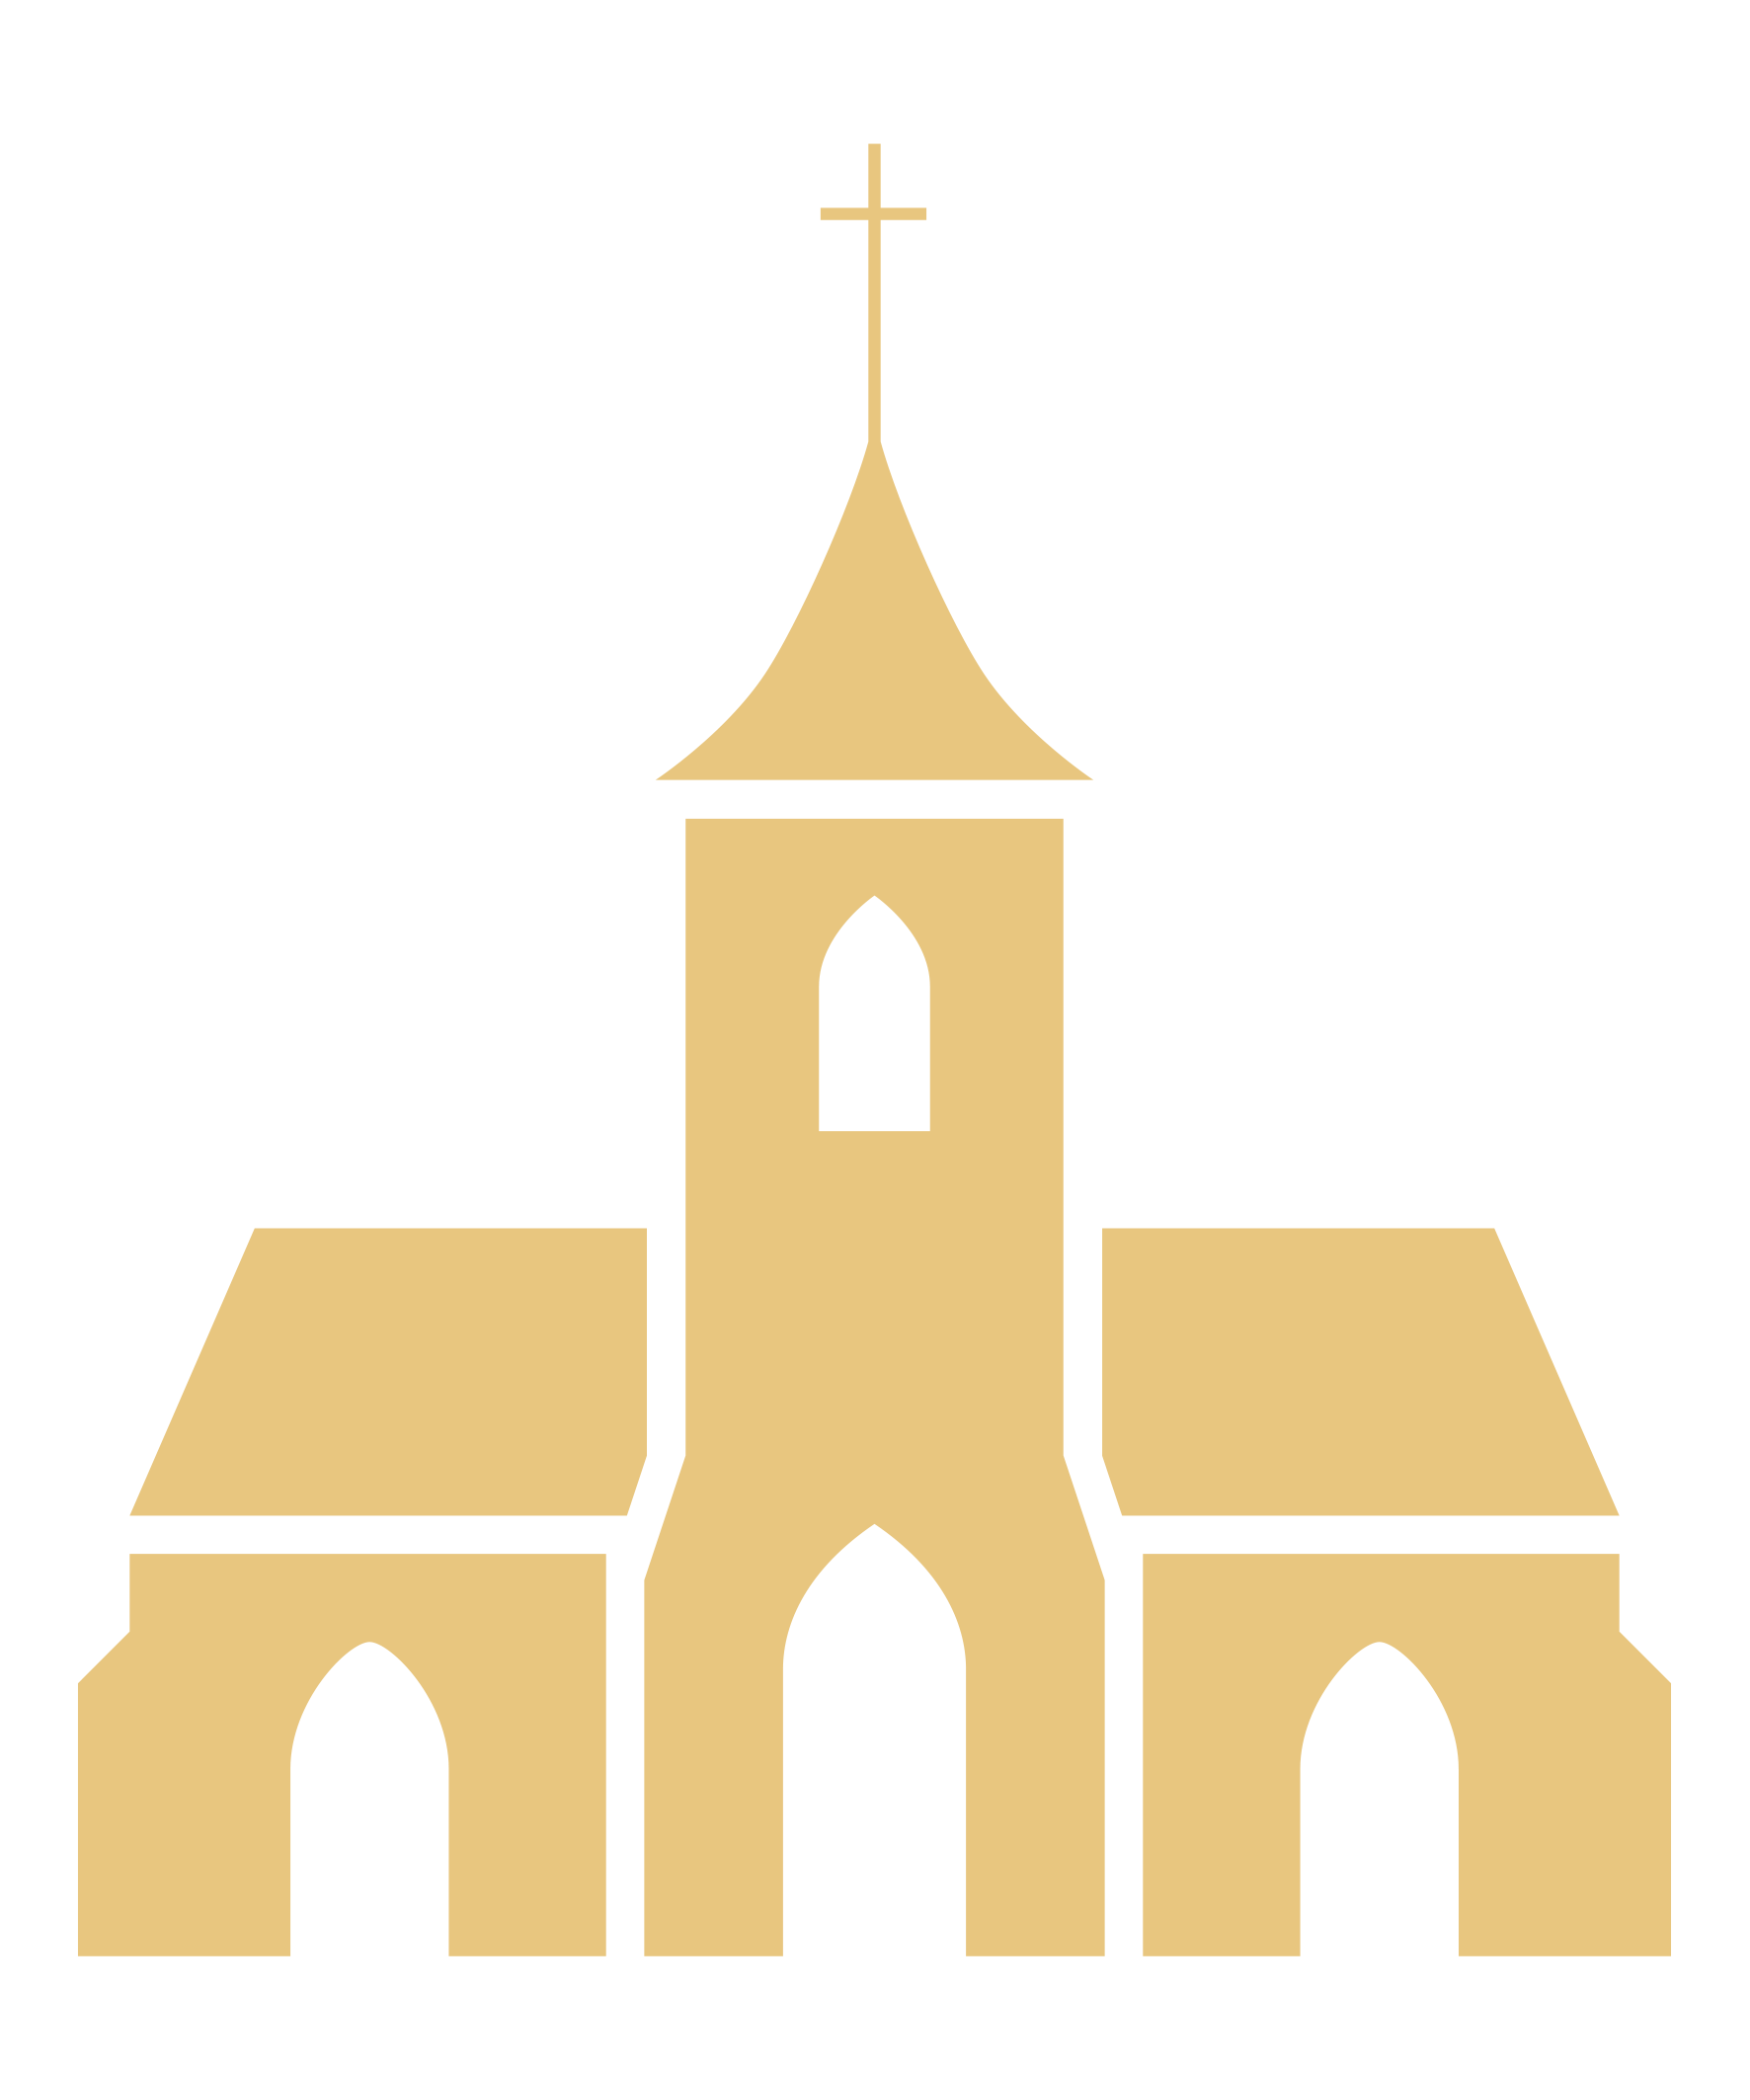 Réfection de l'église Sainte Osmanne de Féricy